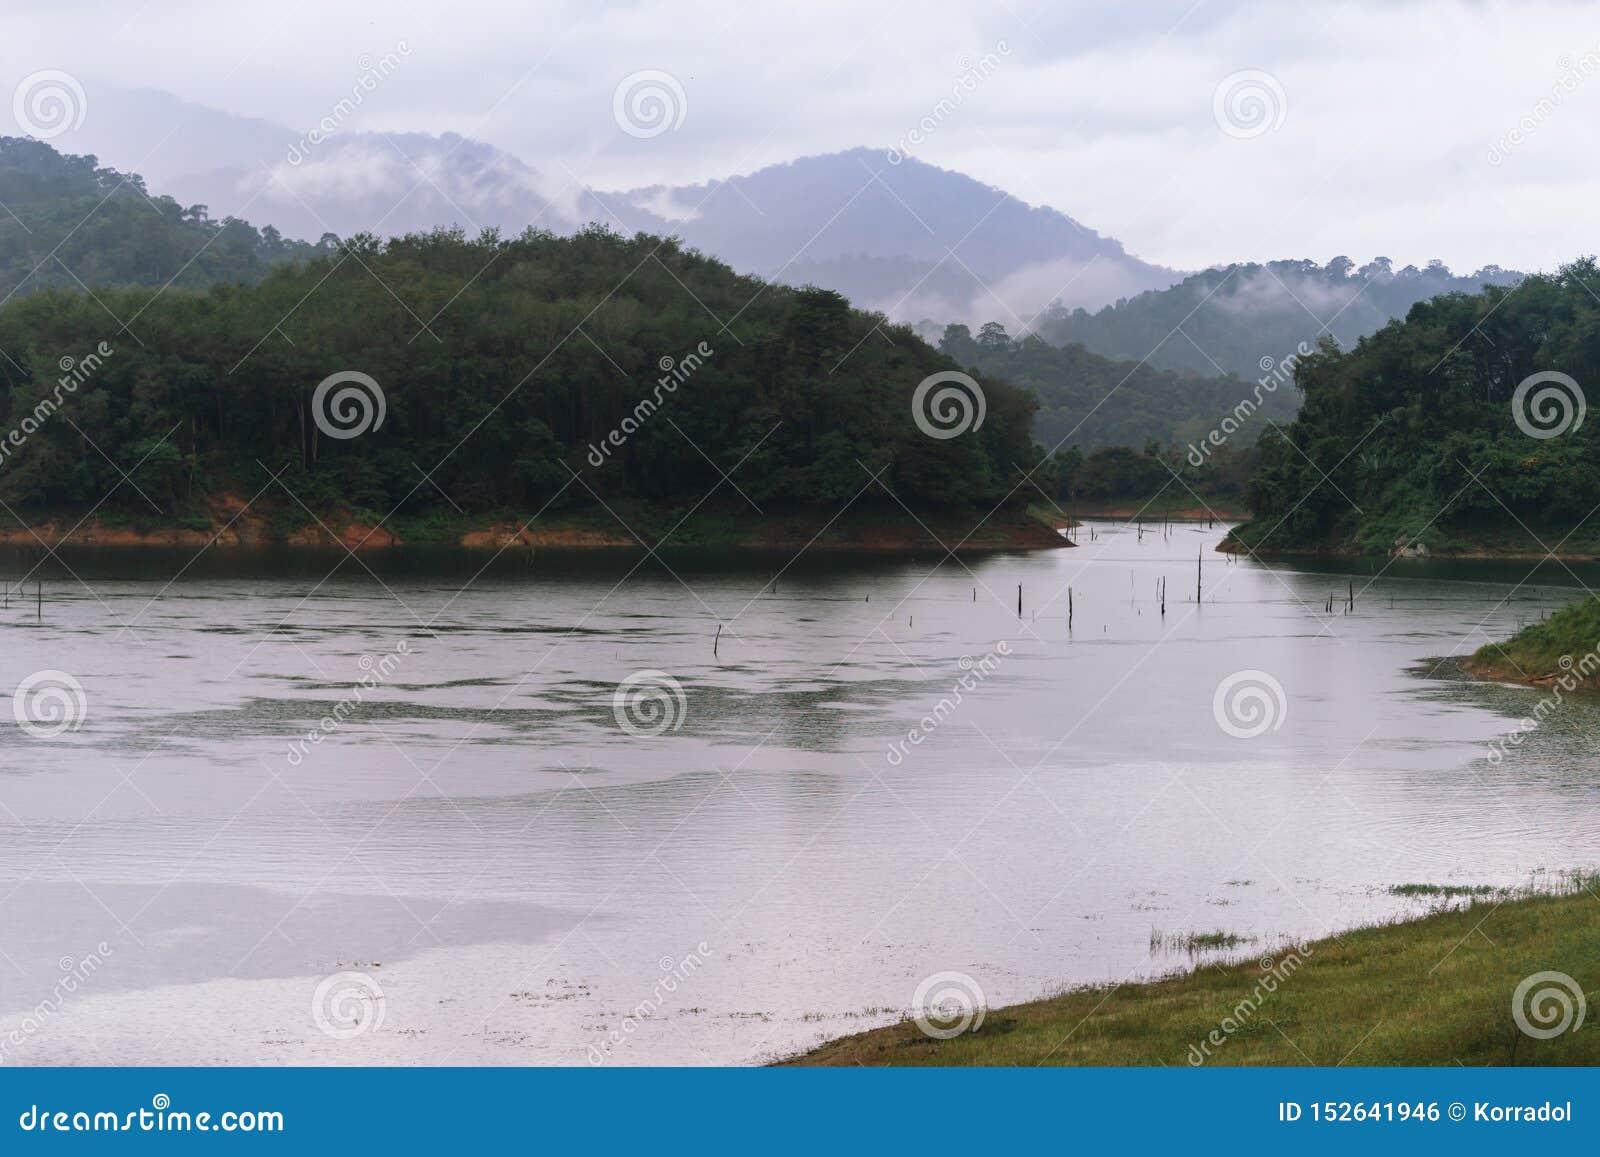 Wald- und Wasserlandschaft bei Hala-Bala Wildlife Sanctuary nahe Knall Lang Reservoir